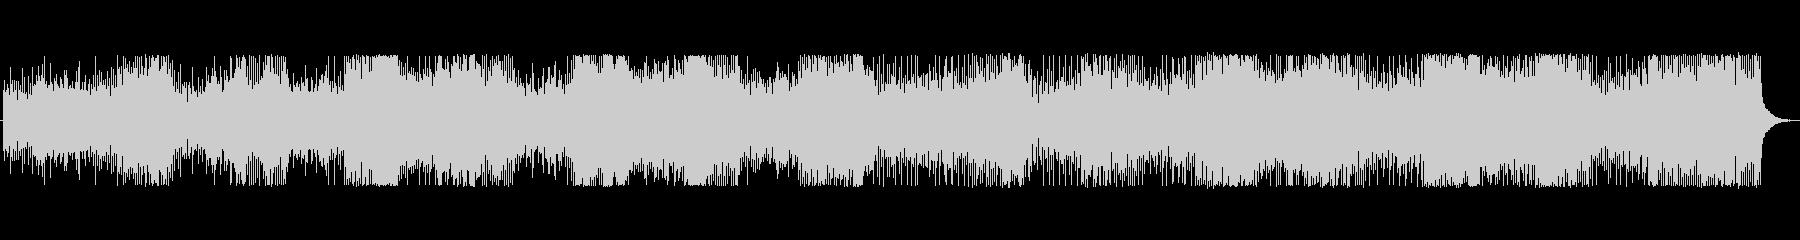 ハープを用いたミニマルなループの未再生の波形